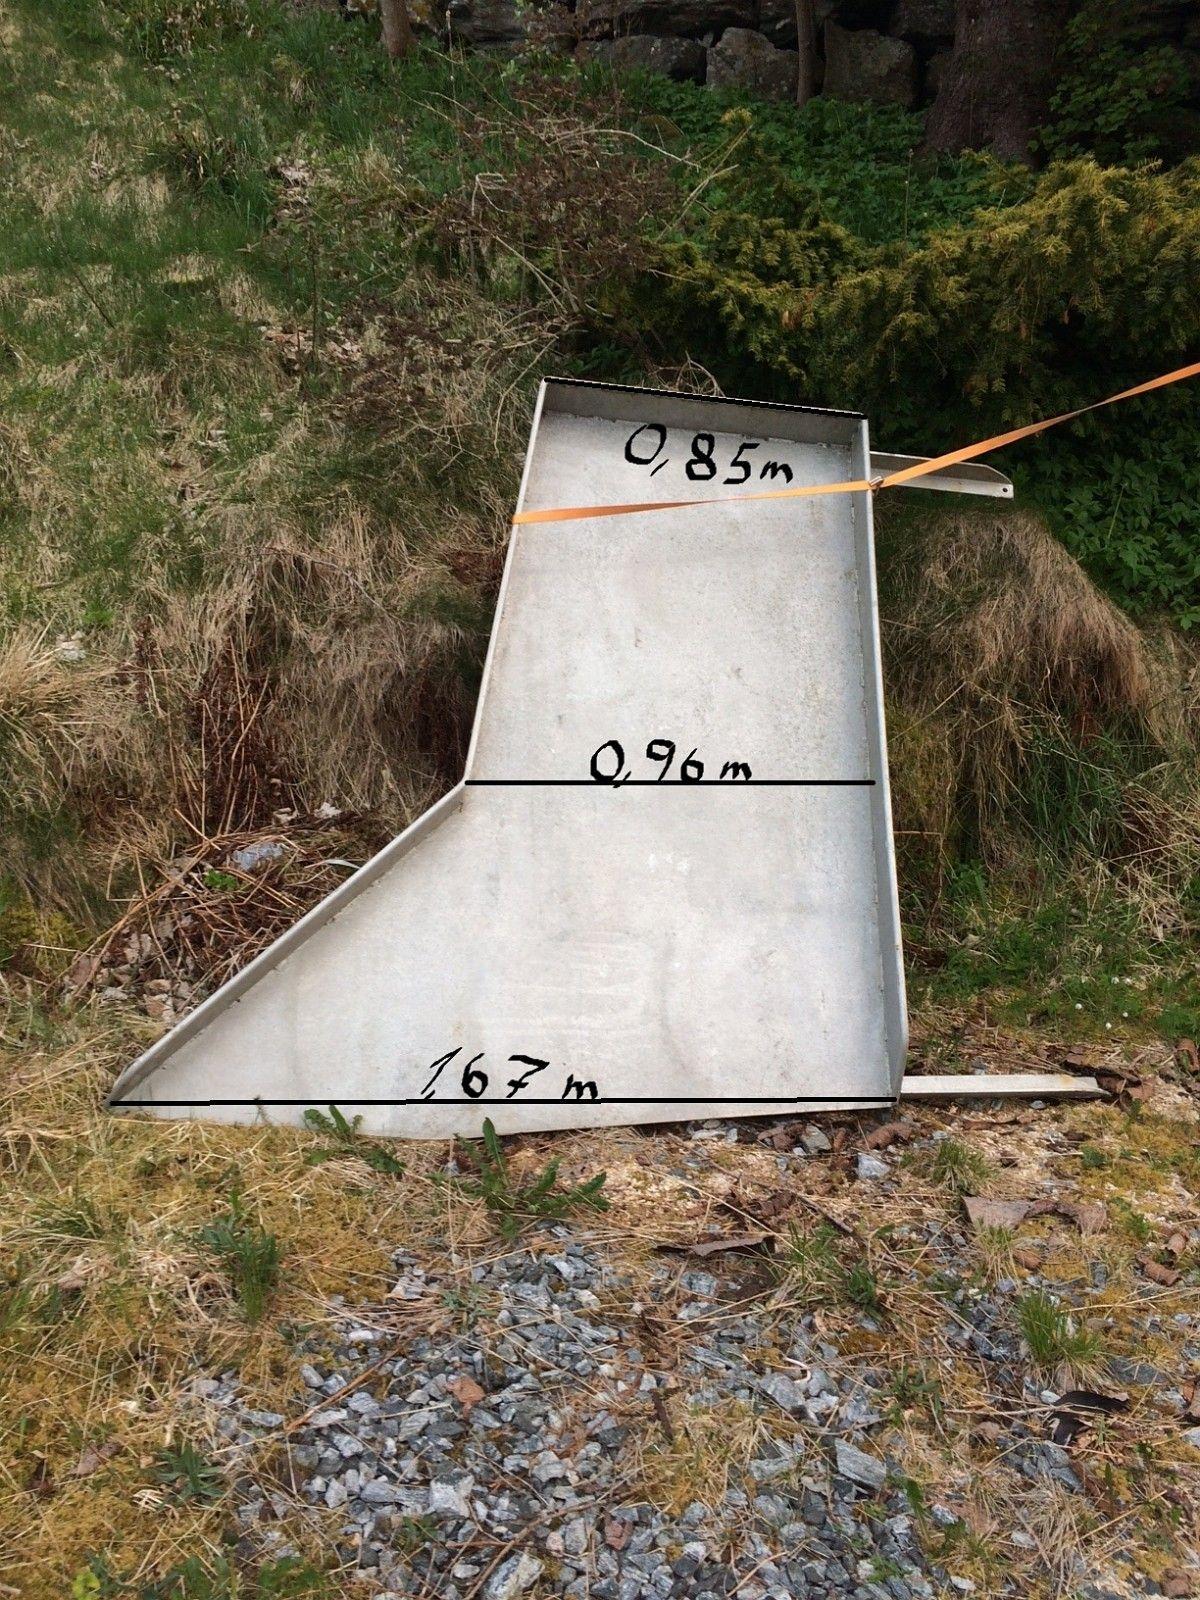 Aluminium garn renne - Fosnavåg  - Aluminium garn renne som har tilhørt 62 fots garn båt. Målene står på bildet. - Fosnavåg